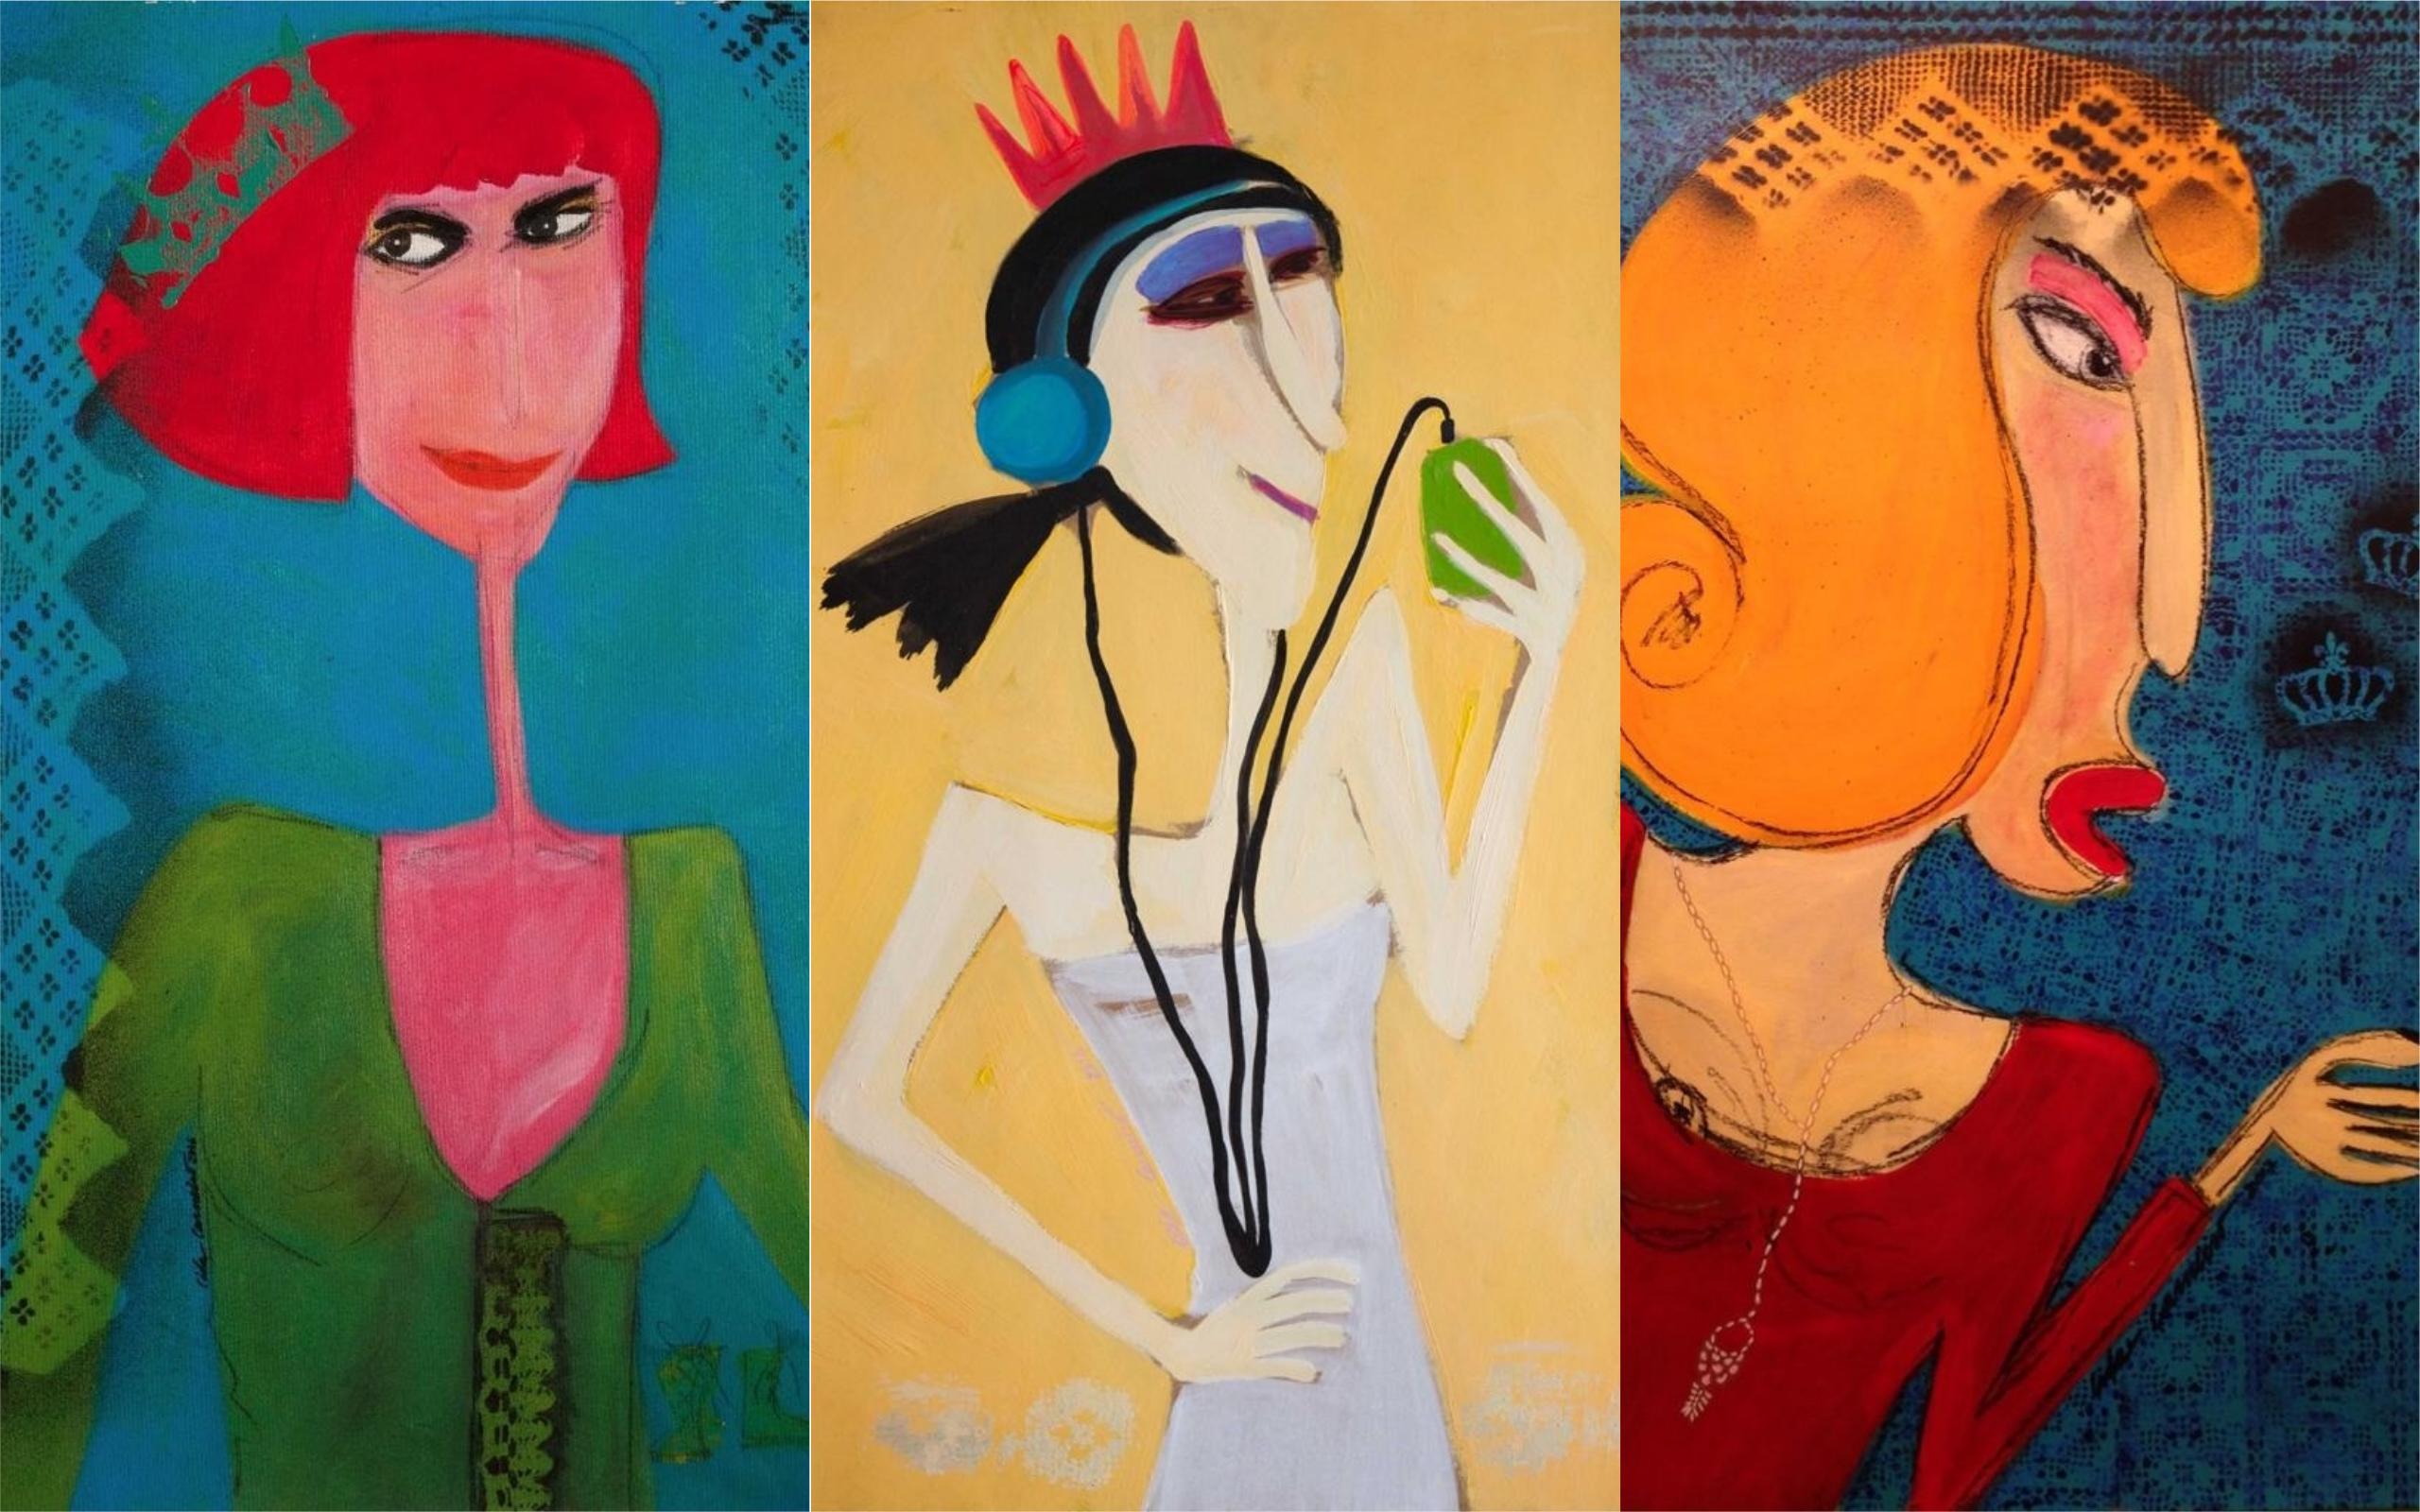 Lowbrow inaugura exposição 'Feminino Entretramas' com shows de Cadu Portela e Diego Falk